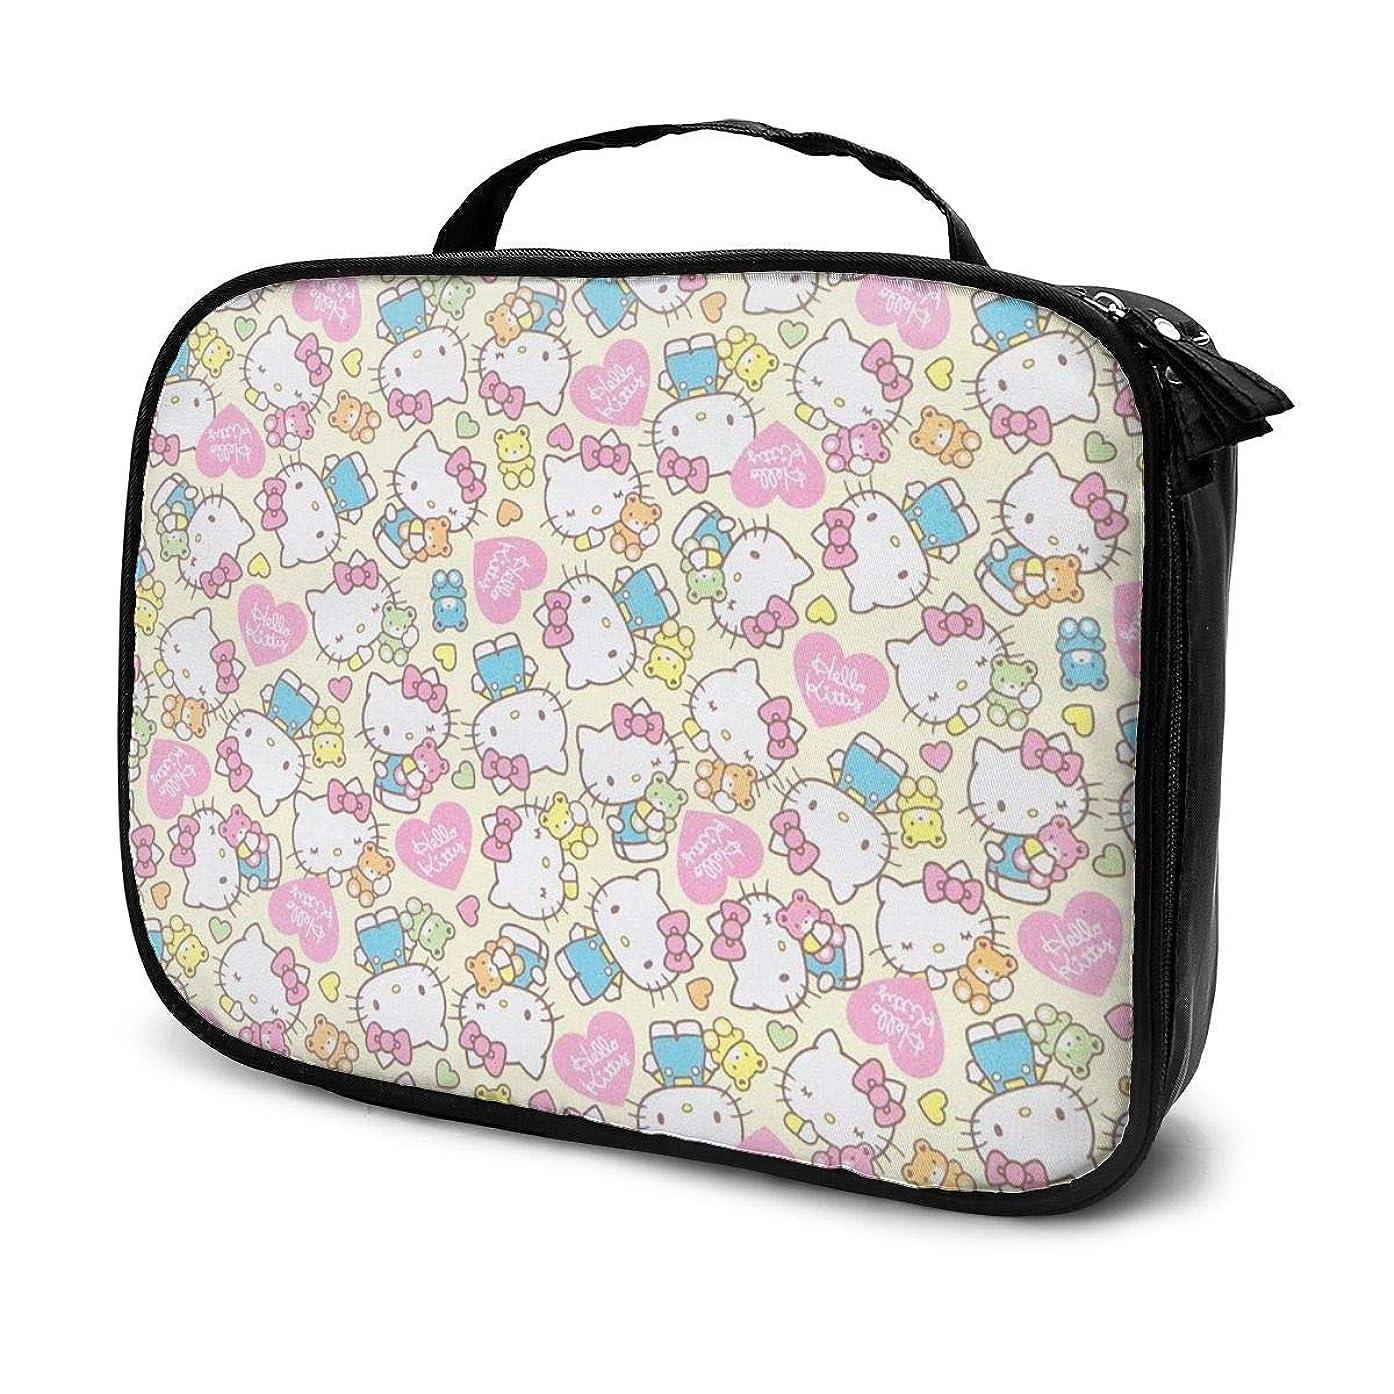 スロープクリップ蝶印象Daituハローキティ 化粧品袋の女性旅行バッグ収納大容量防水アクセサリー旅行